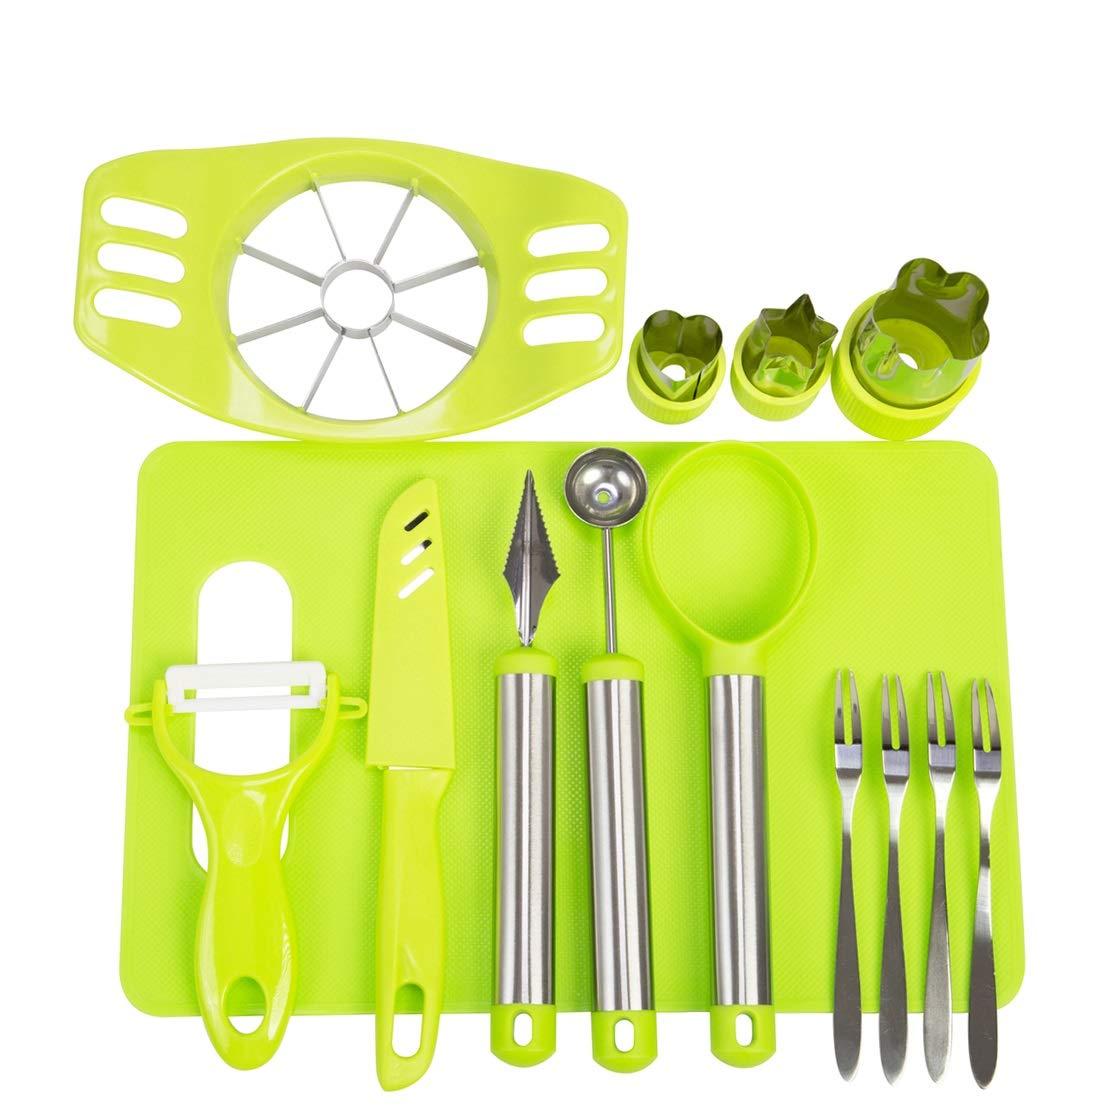 Vegetable Fruit Cutter Shapes Set Fruit Carving Tools DIY Fruit Salad Tool Set Fruit Slicer Kit for Kitchen With Apple Cutter Corer,Citrus Peeler,Chopping Board,Cutter Shapes Set and More